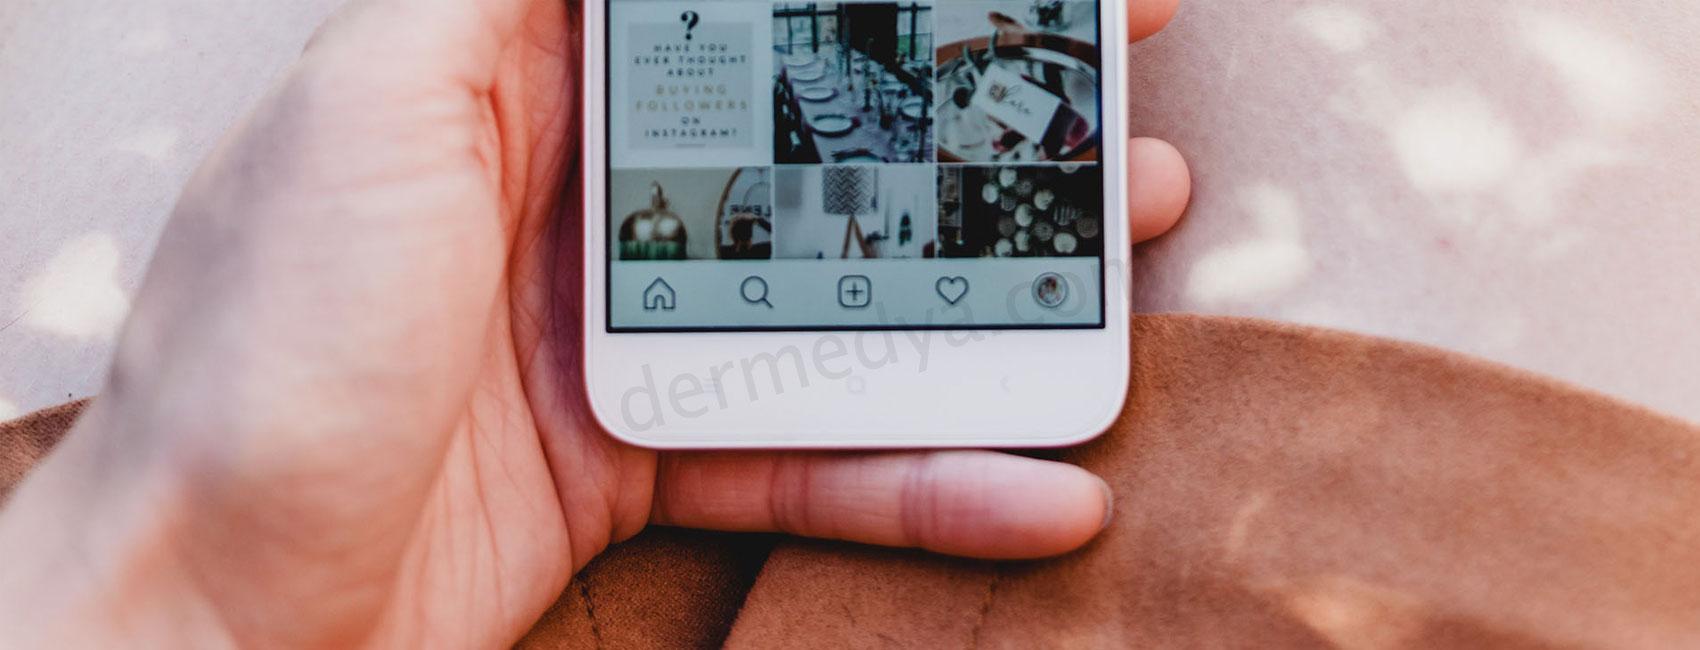 Instagram'da Takipçi Kazanma ve Büyümenin Pratik Yolları